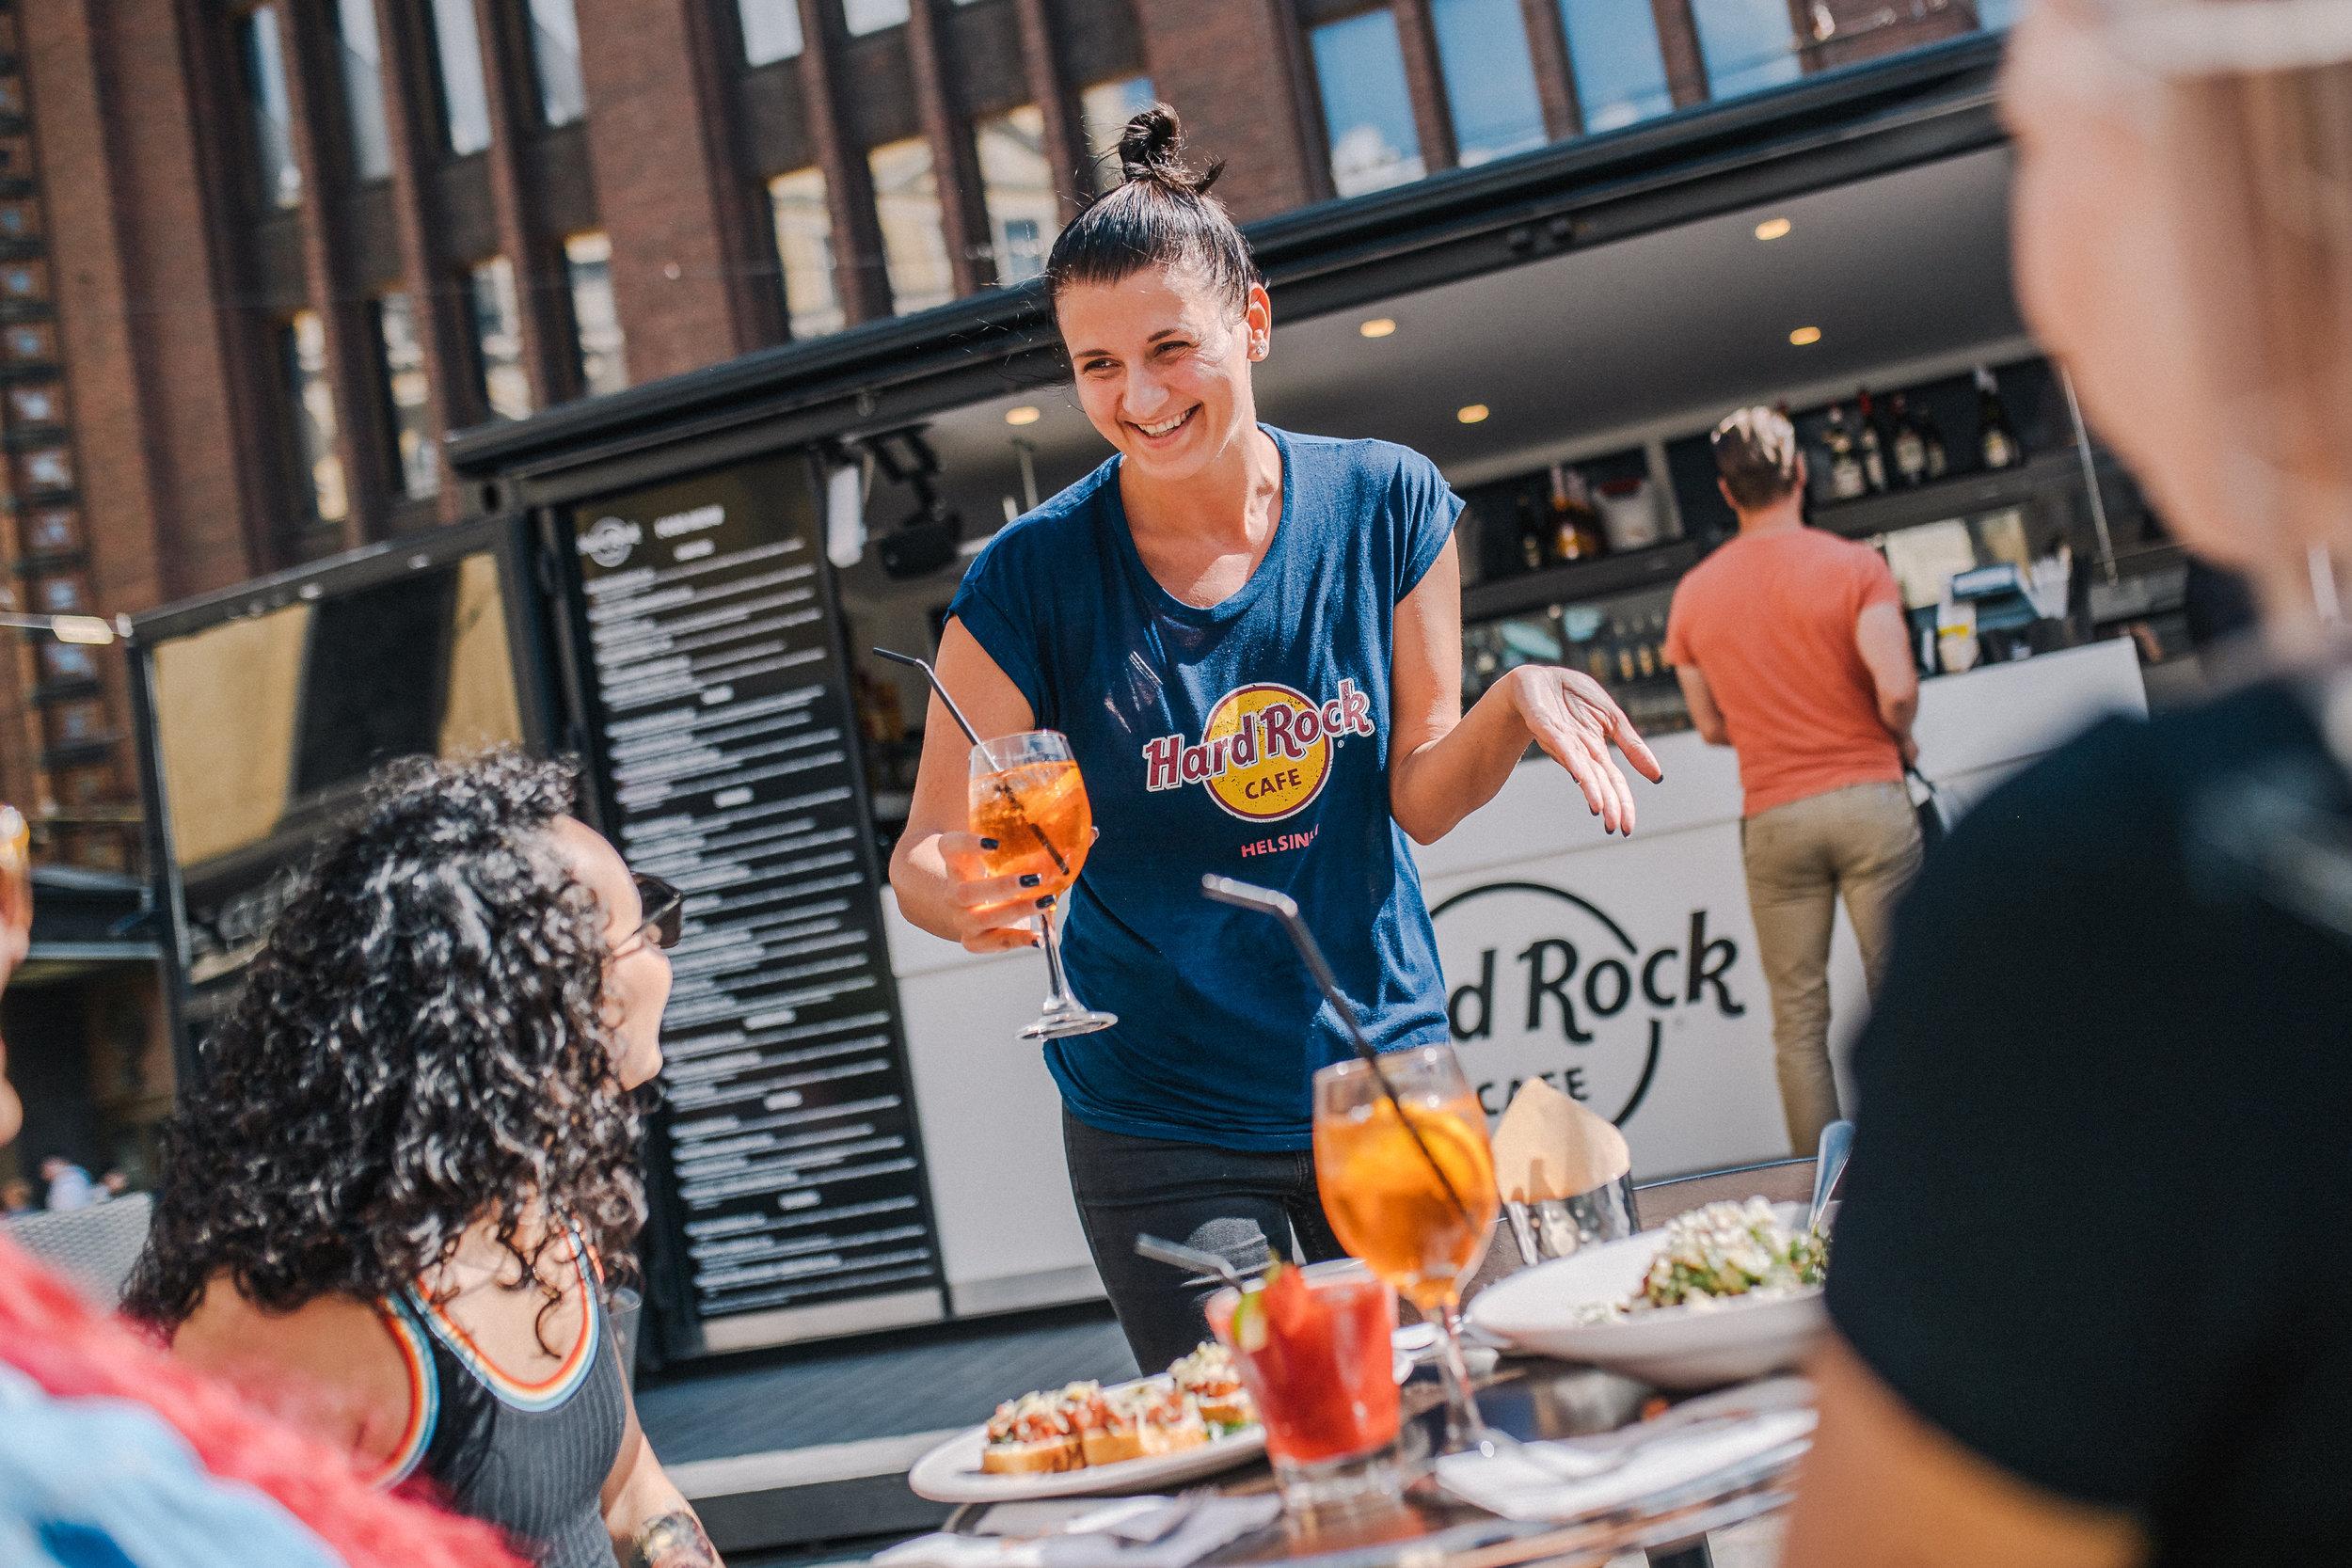 HARD ROCK CAFE - Aleksanterinkatu 21Hard Rock Cafe Helsinki on ravintola ja terassi Kolmen sepän aukiolla, keskellä Helsinkiä. Kesällä tarjoilemme klassisen jenkkiläisen ruuan lisäksi uutta Nordic Menua. Kesän erikoismenulta löydät muun muassa kuhaa kasviksilla, Toast Skagenin, hirviburgerin sekä pohjoismaalaisen version Nizzan salaatista. Laajasta juomavalikoimasta löytyy vaihtoehto jokaiseen makuun ja fiilikseen.www.hardrockcafe.com/location/helsinki/fi